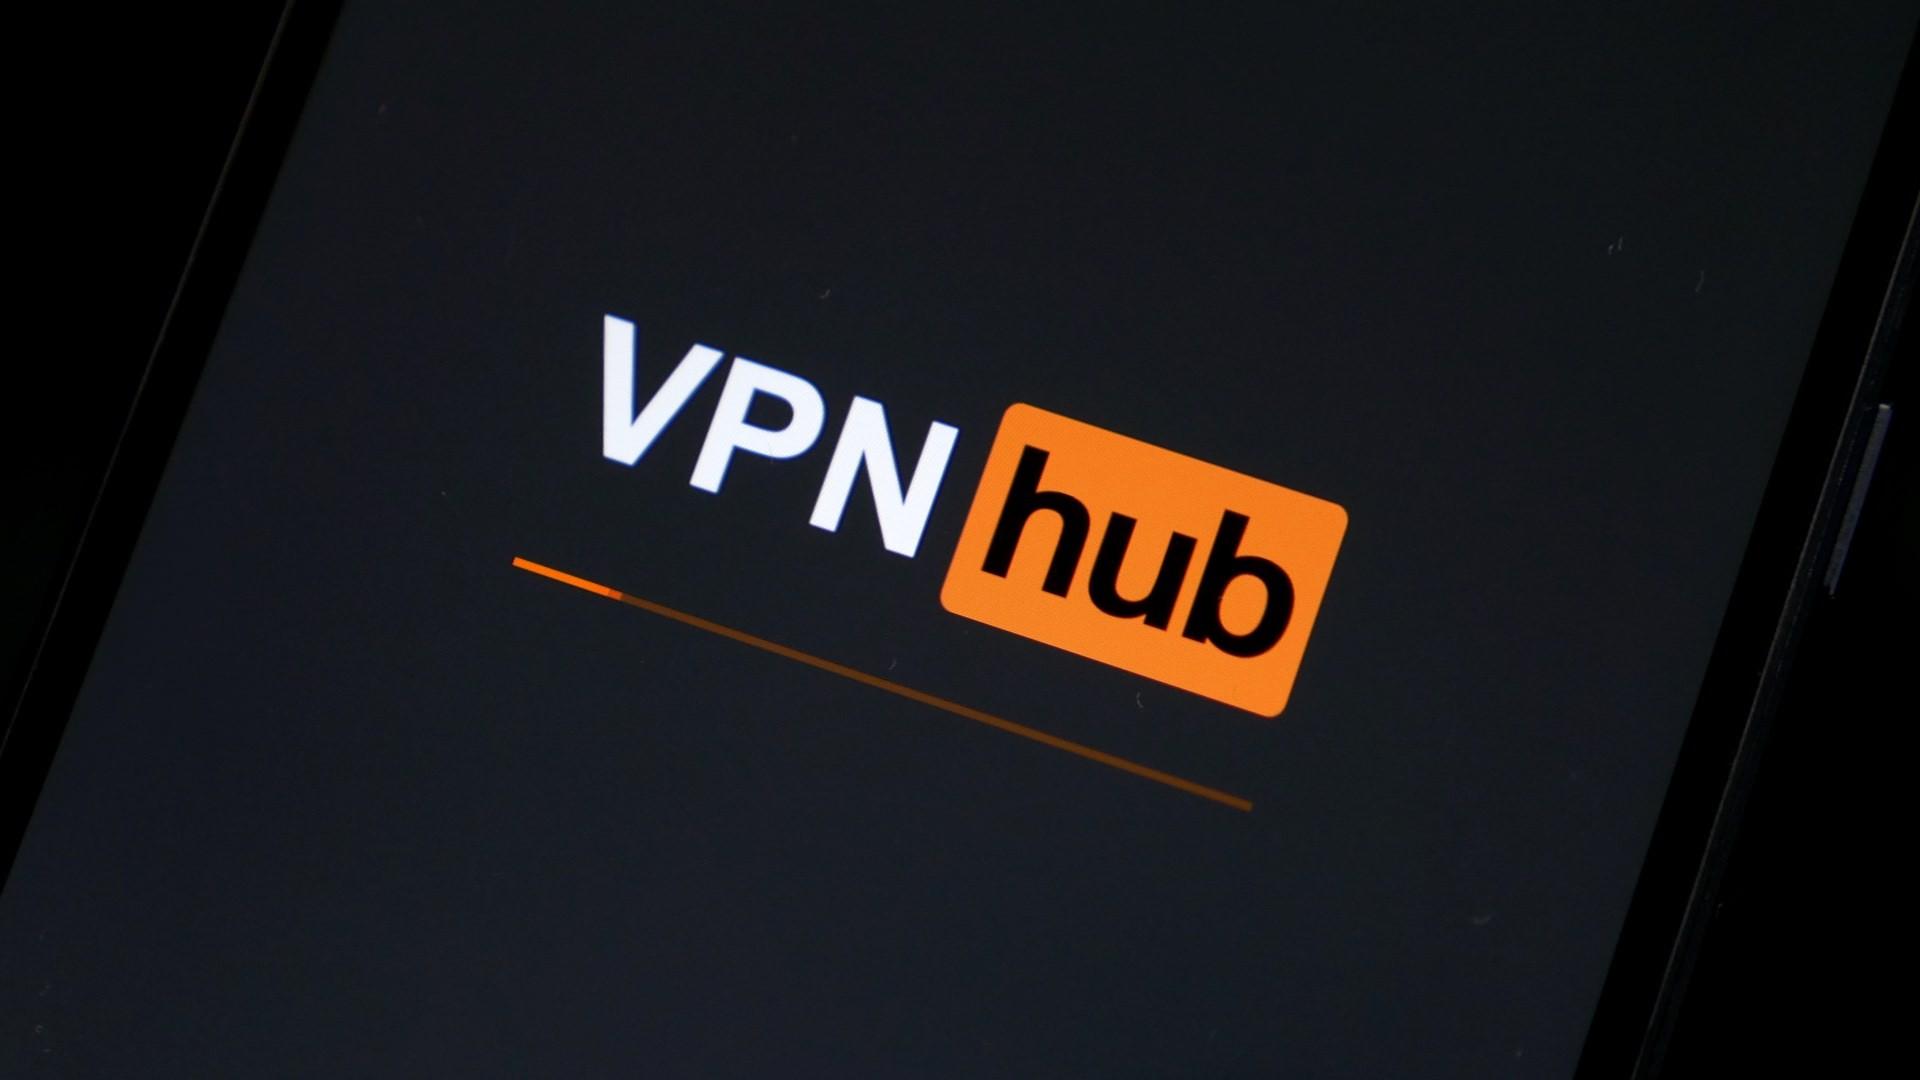 vpnhub ile ilgili görsel sonucu